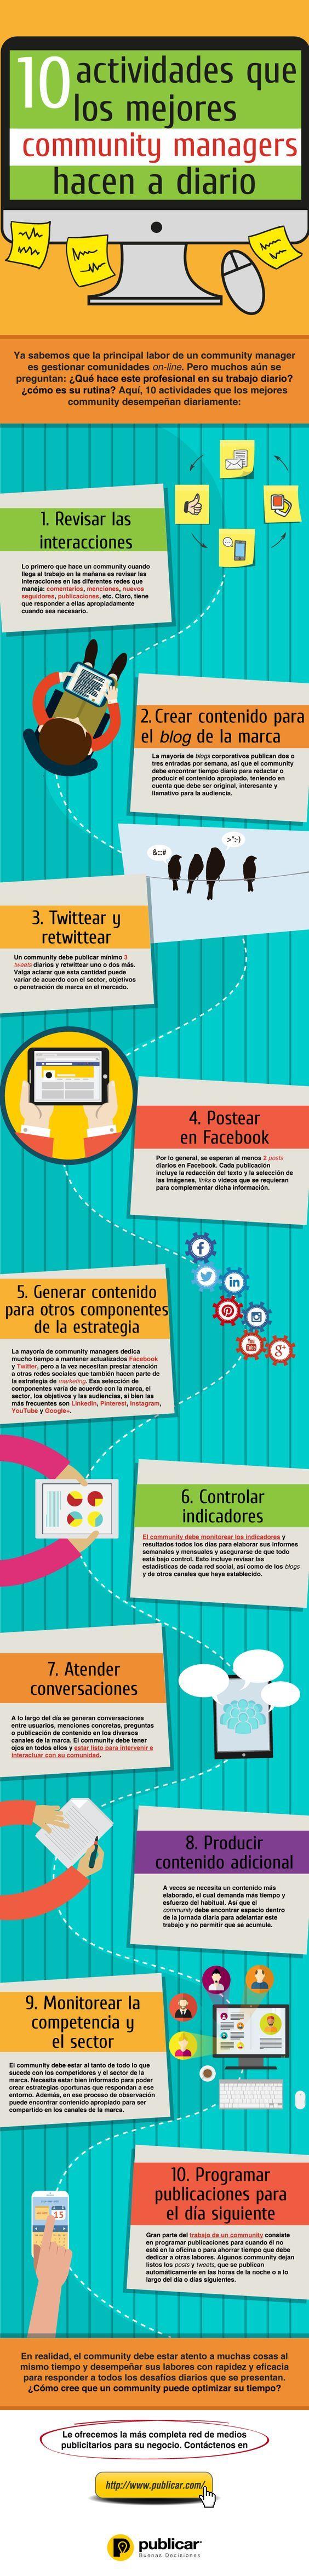 10 cosas que se deberían hacer todos los días en #RedesSociales. #communitymanager